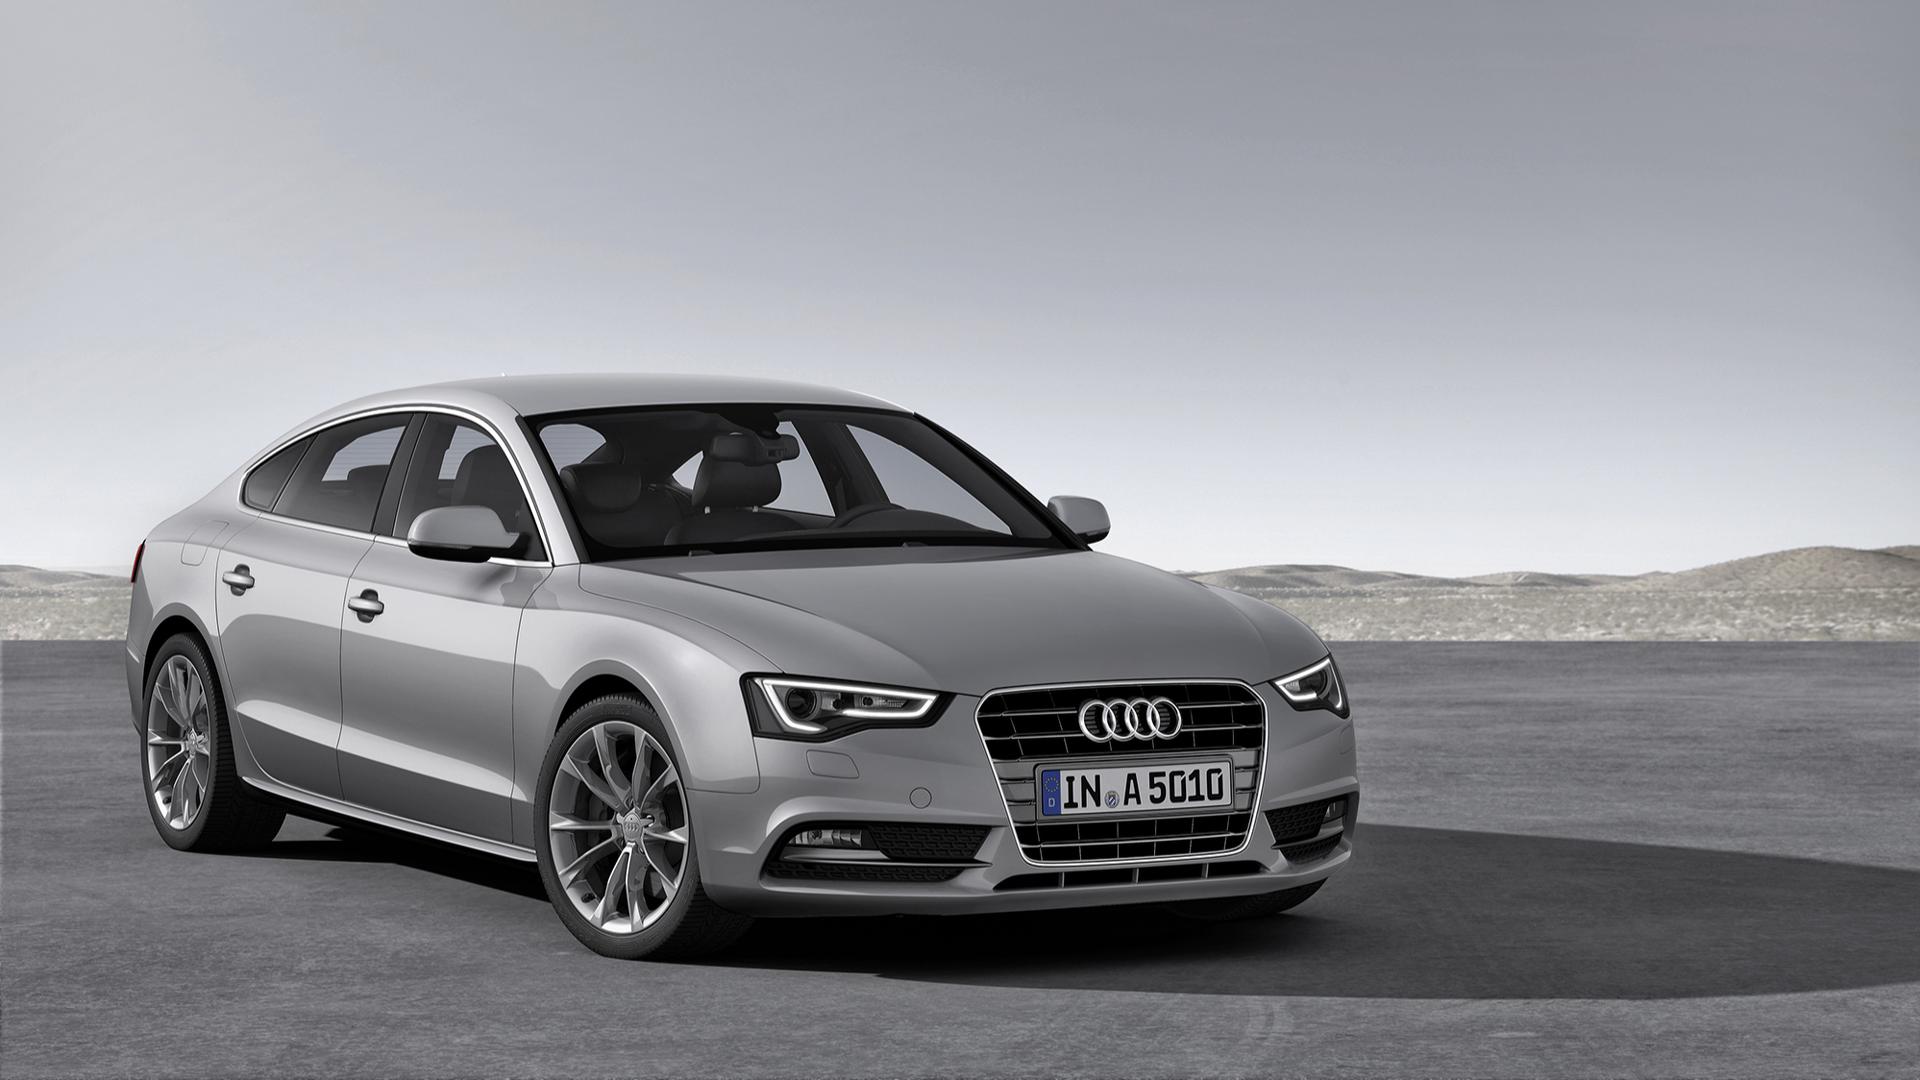 Audi A5 Sportback News and Reviews   Motor1.com